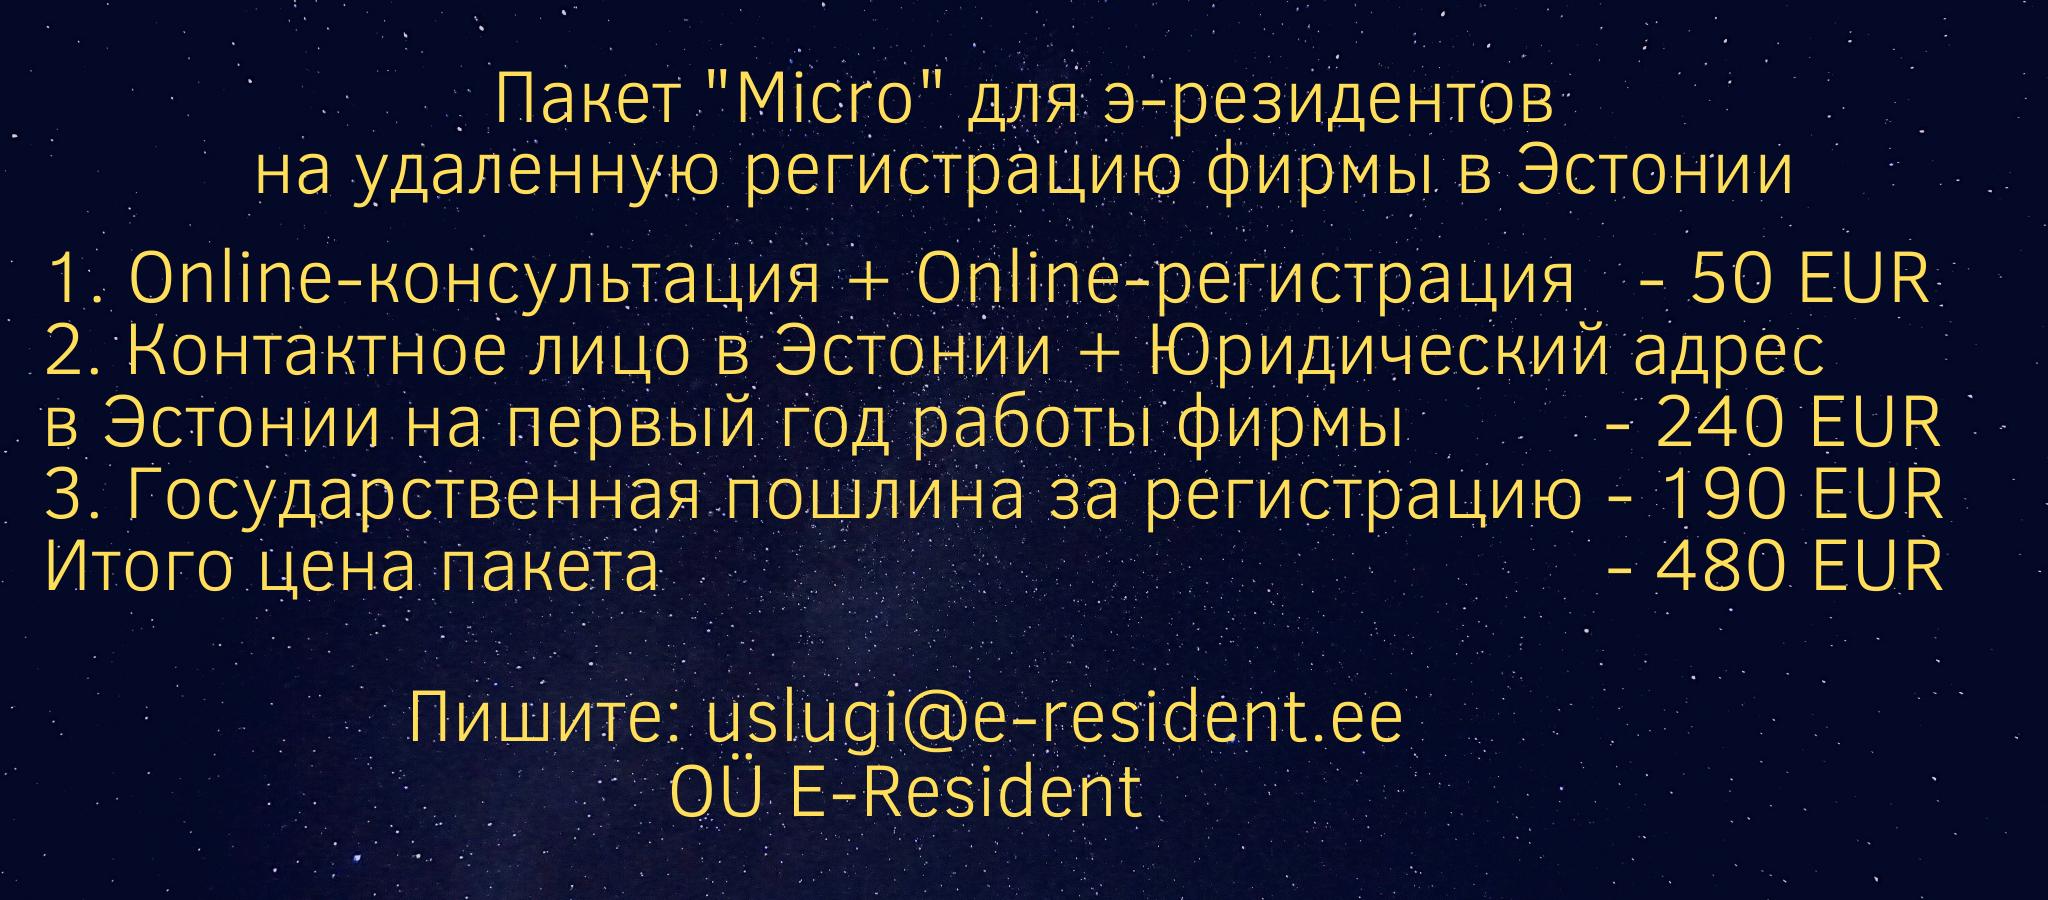 """Пакет """"Micro"""" для э-резидентов на удаленную регистрацию фирмы в Эстонии"""